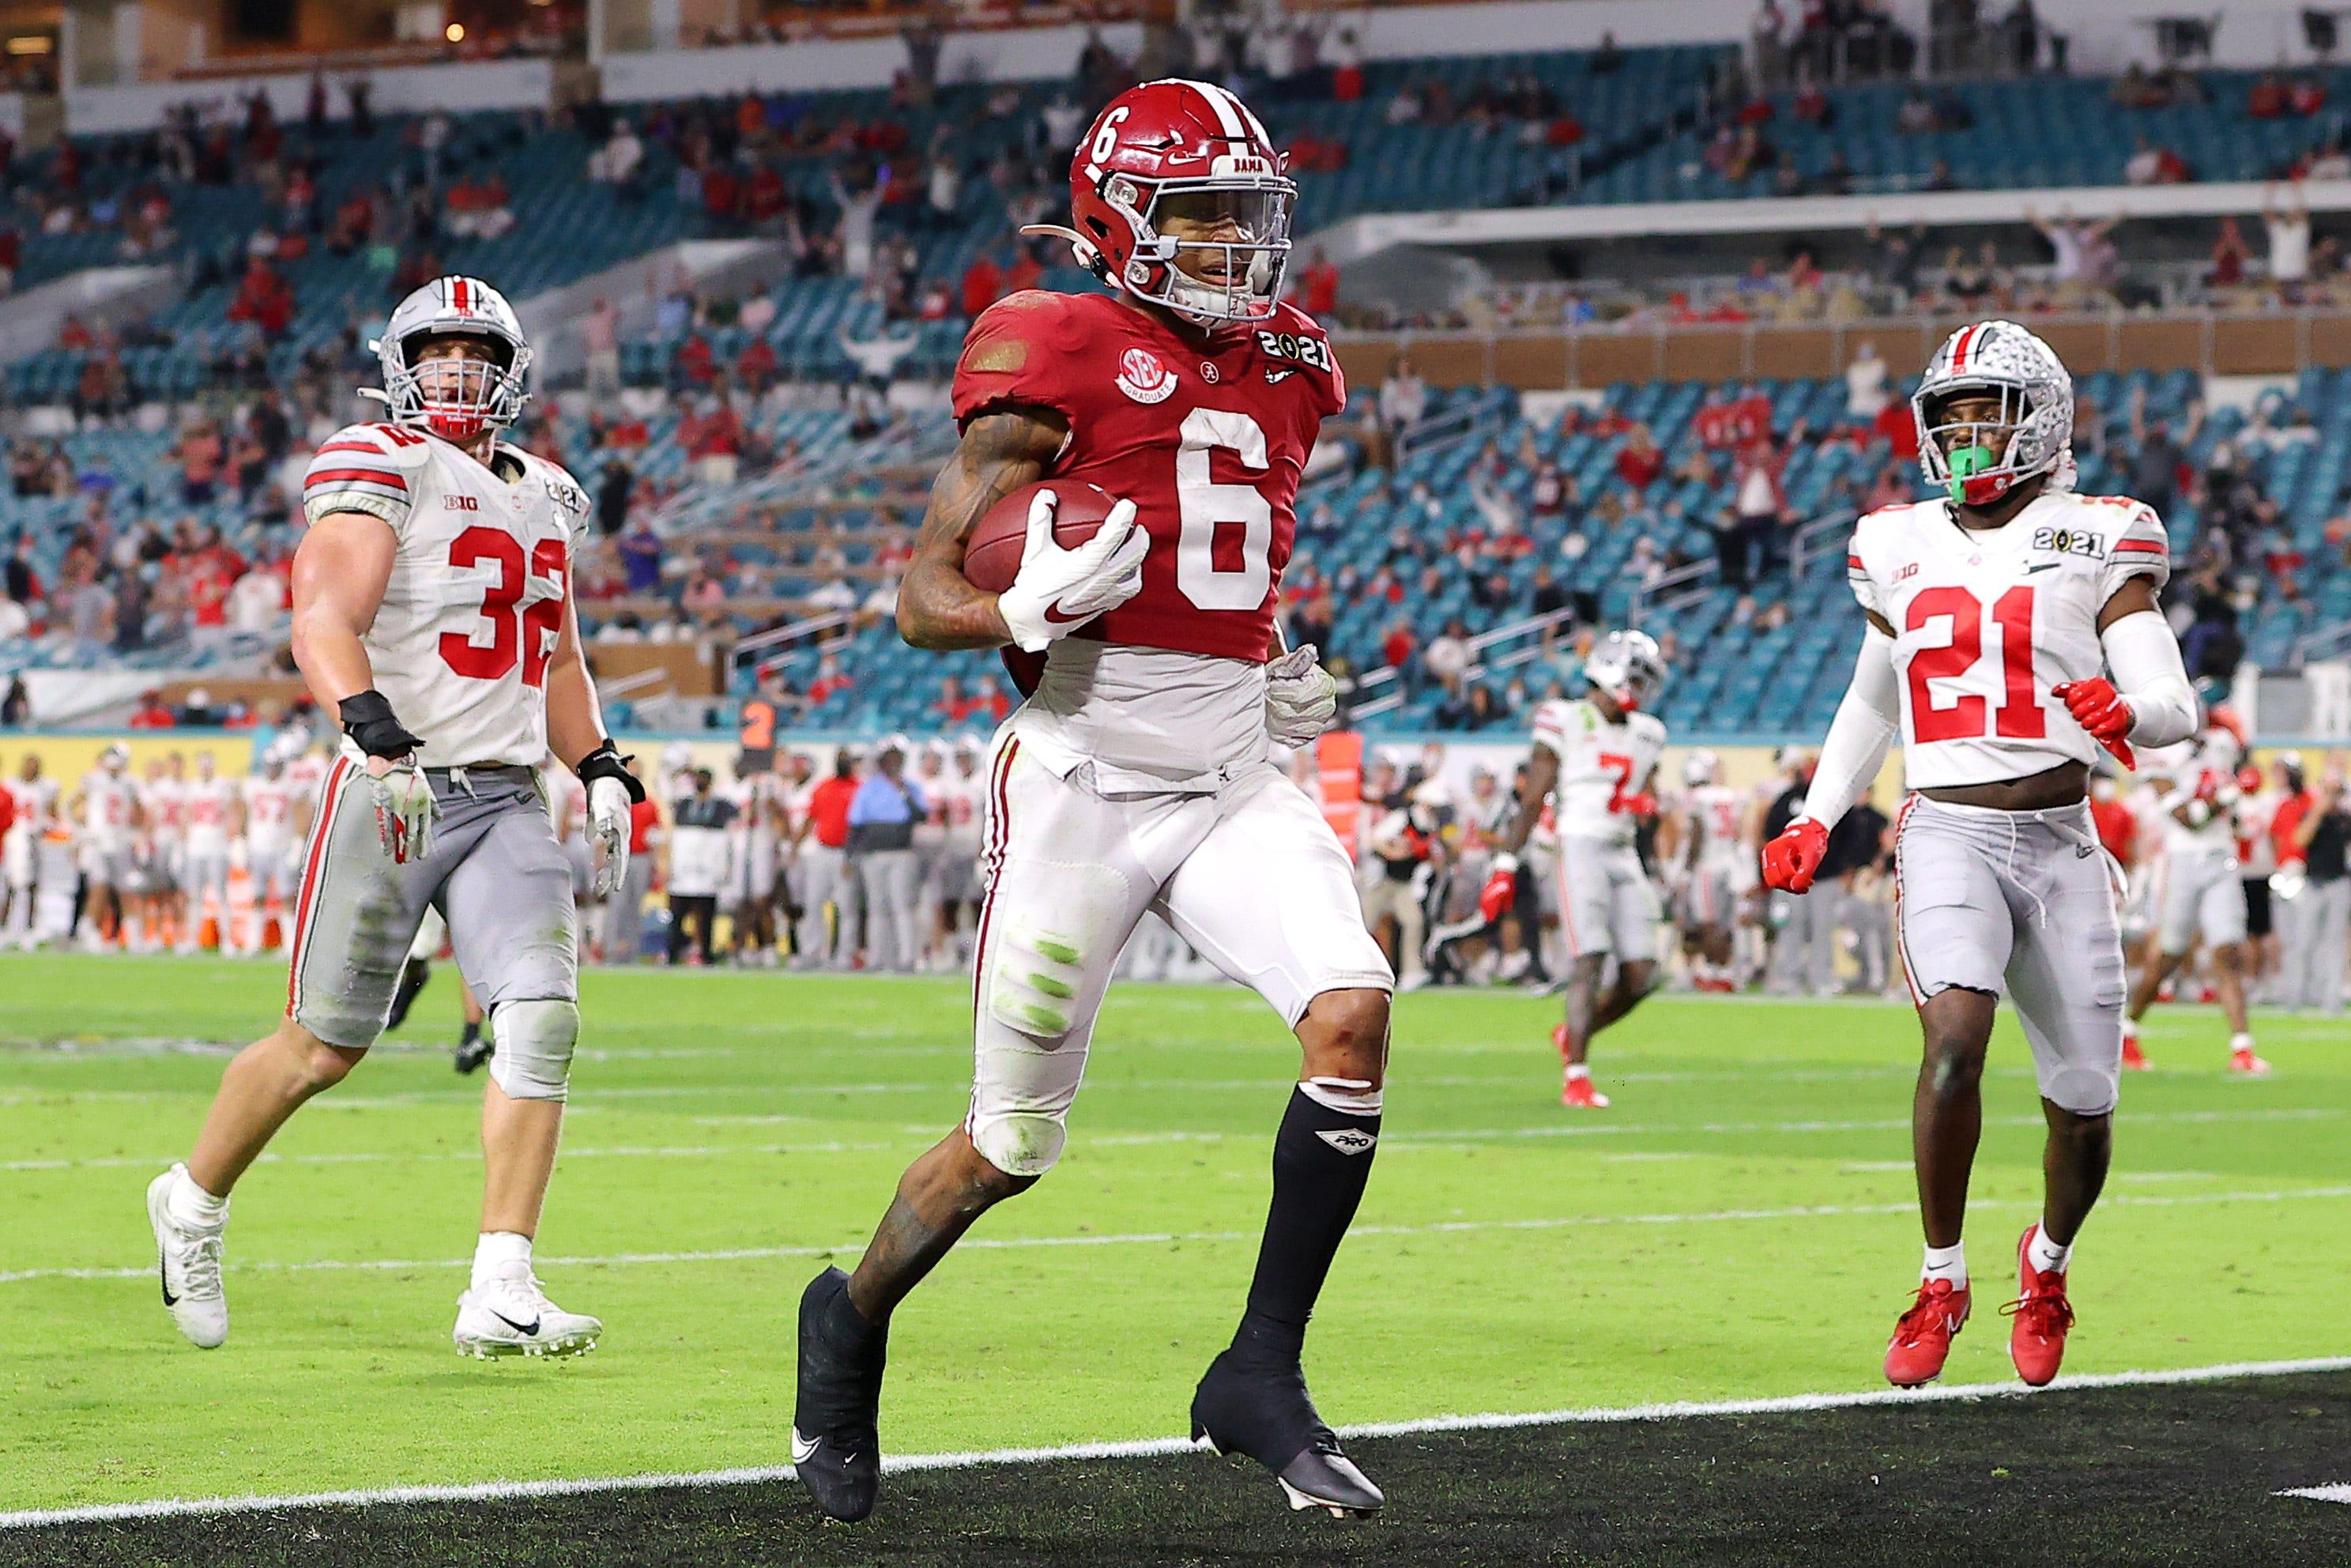 Alabama behauptet sich erneut als König des College-Fußballs und baut den Bundesstaat Ohio für den nationalen Titel ab